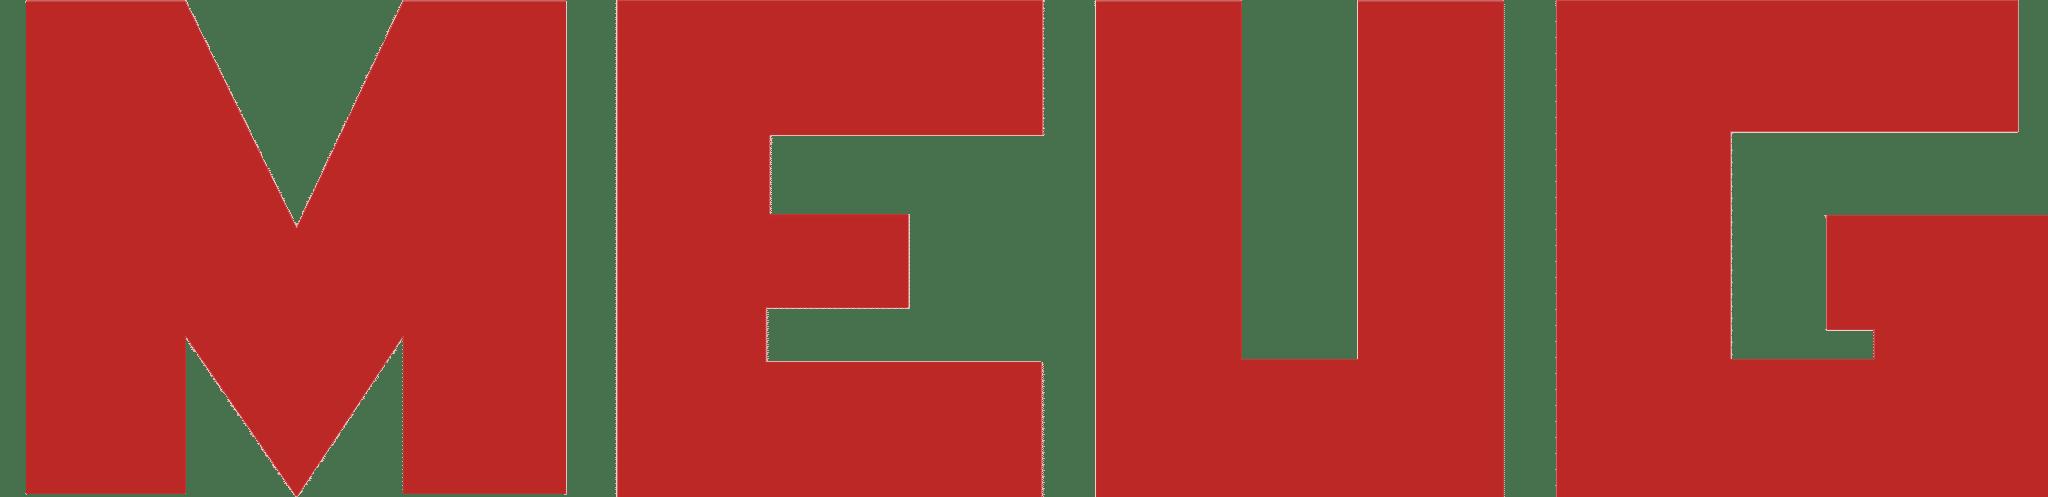 Meug logo